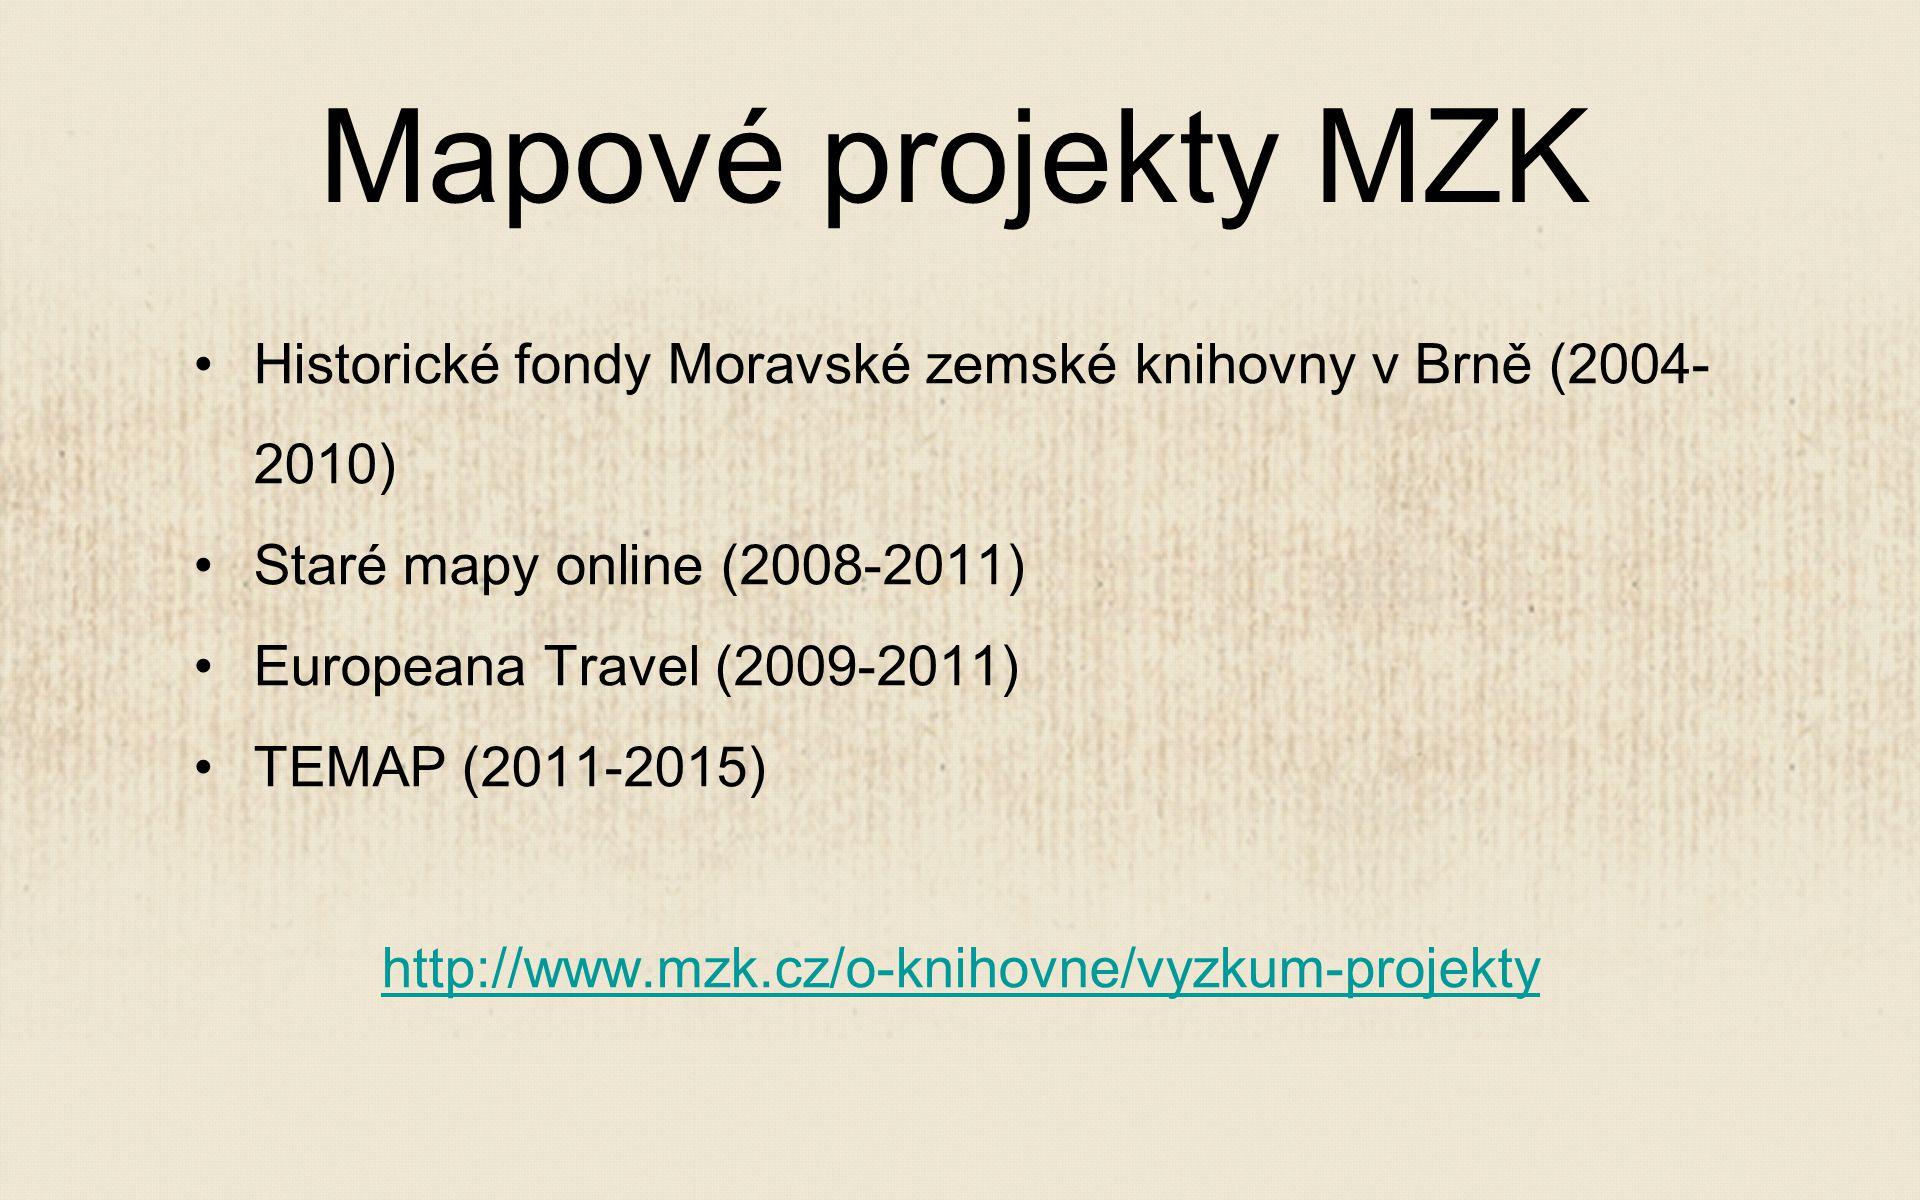 Historické fondy Moravské zemské knihovny v Brně (2004- 2010) Staré mapy online (2008-2011) Europeana Travel (2009-2011) TEMAP (2011-2015) http://www.mzk.cz/o-knihovne/vyzkum-projekty Mapové projekty MZK